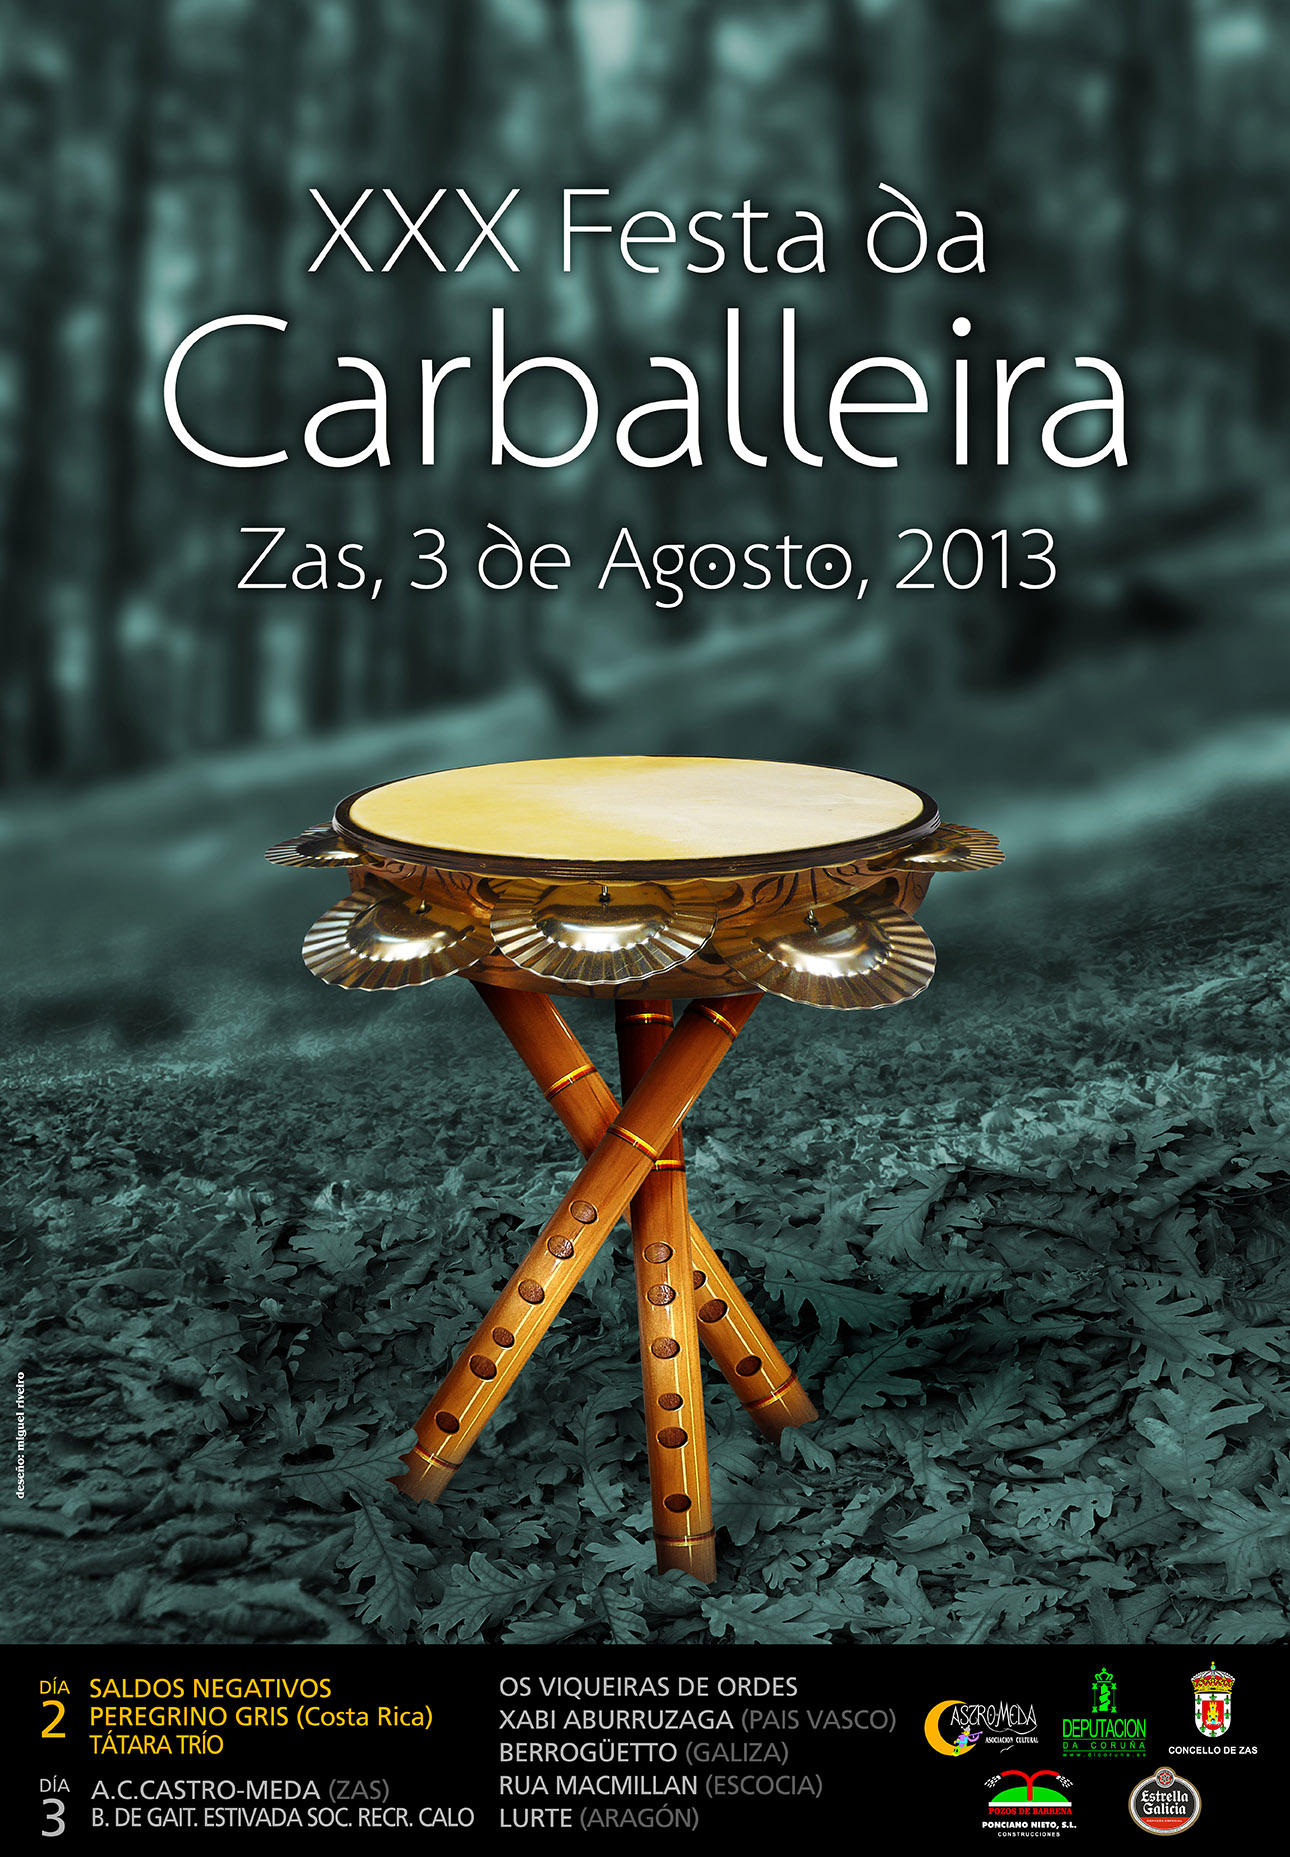 artel Festa Carballeira 2013